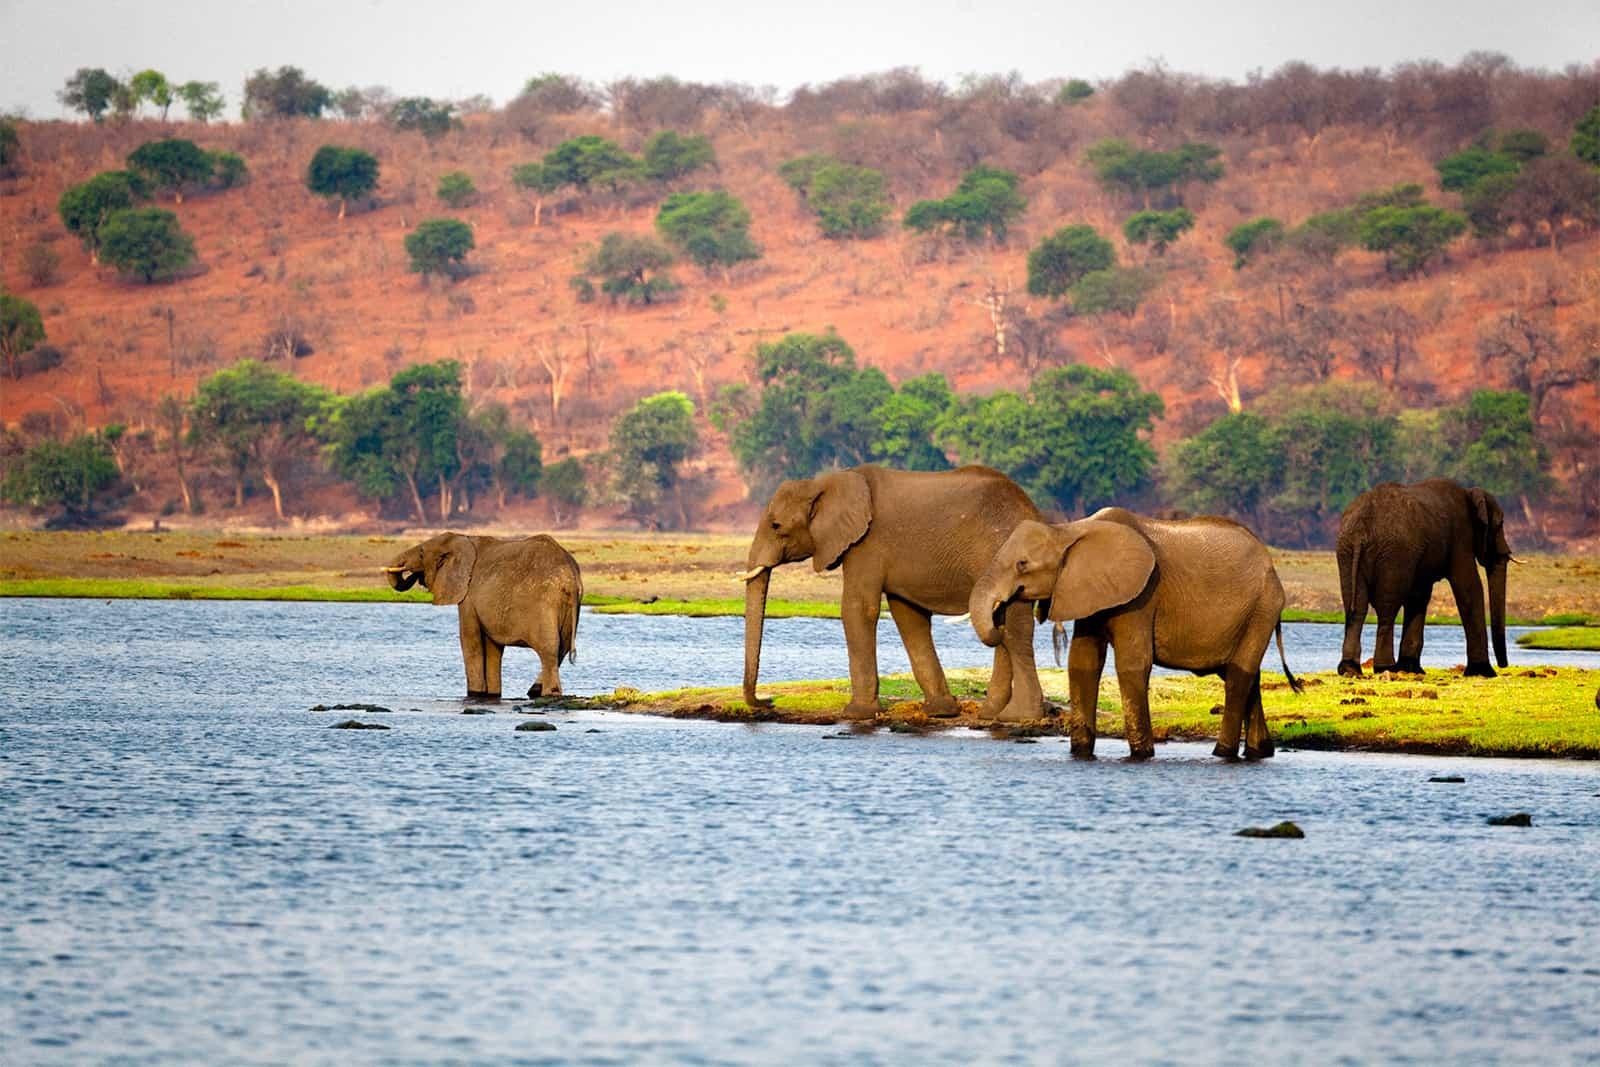 Entre safari et culture, voici ce que le Botswana vous apportera lors de votre Voyage en afrique